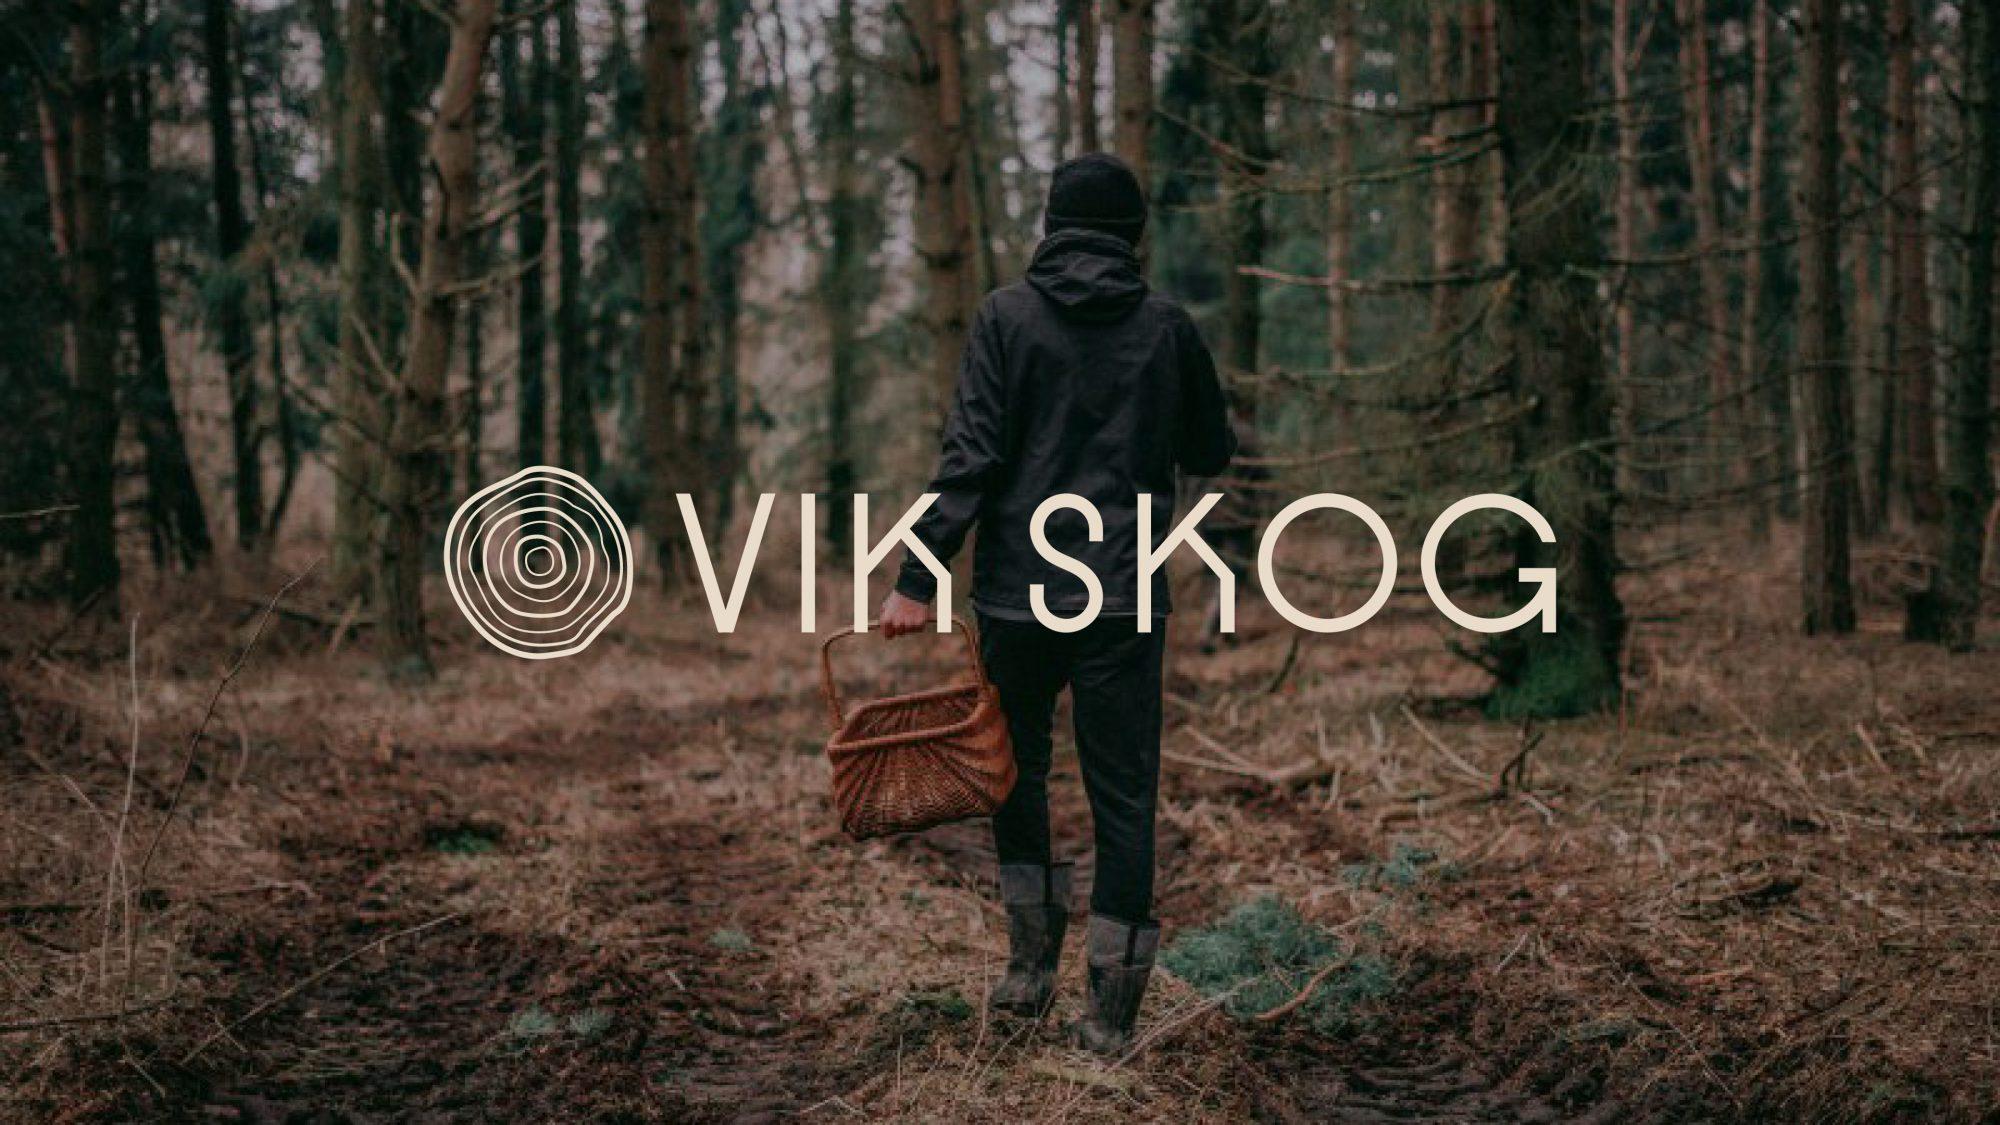 vikskog_3840x21602